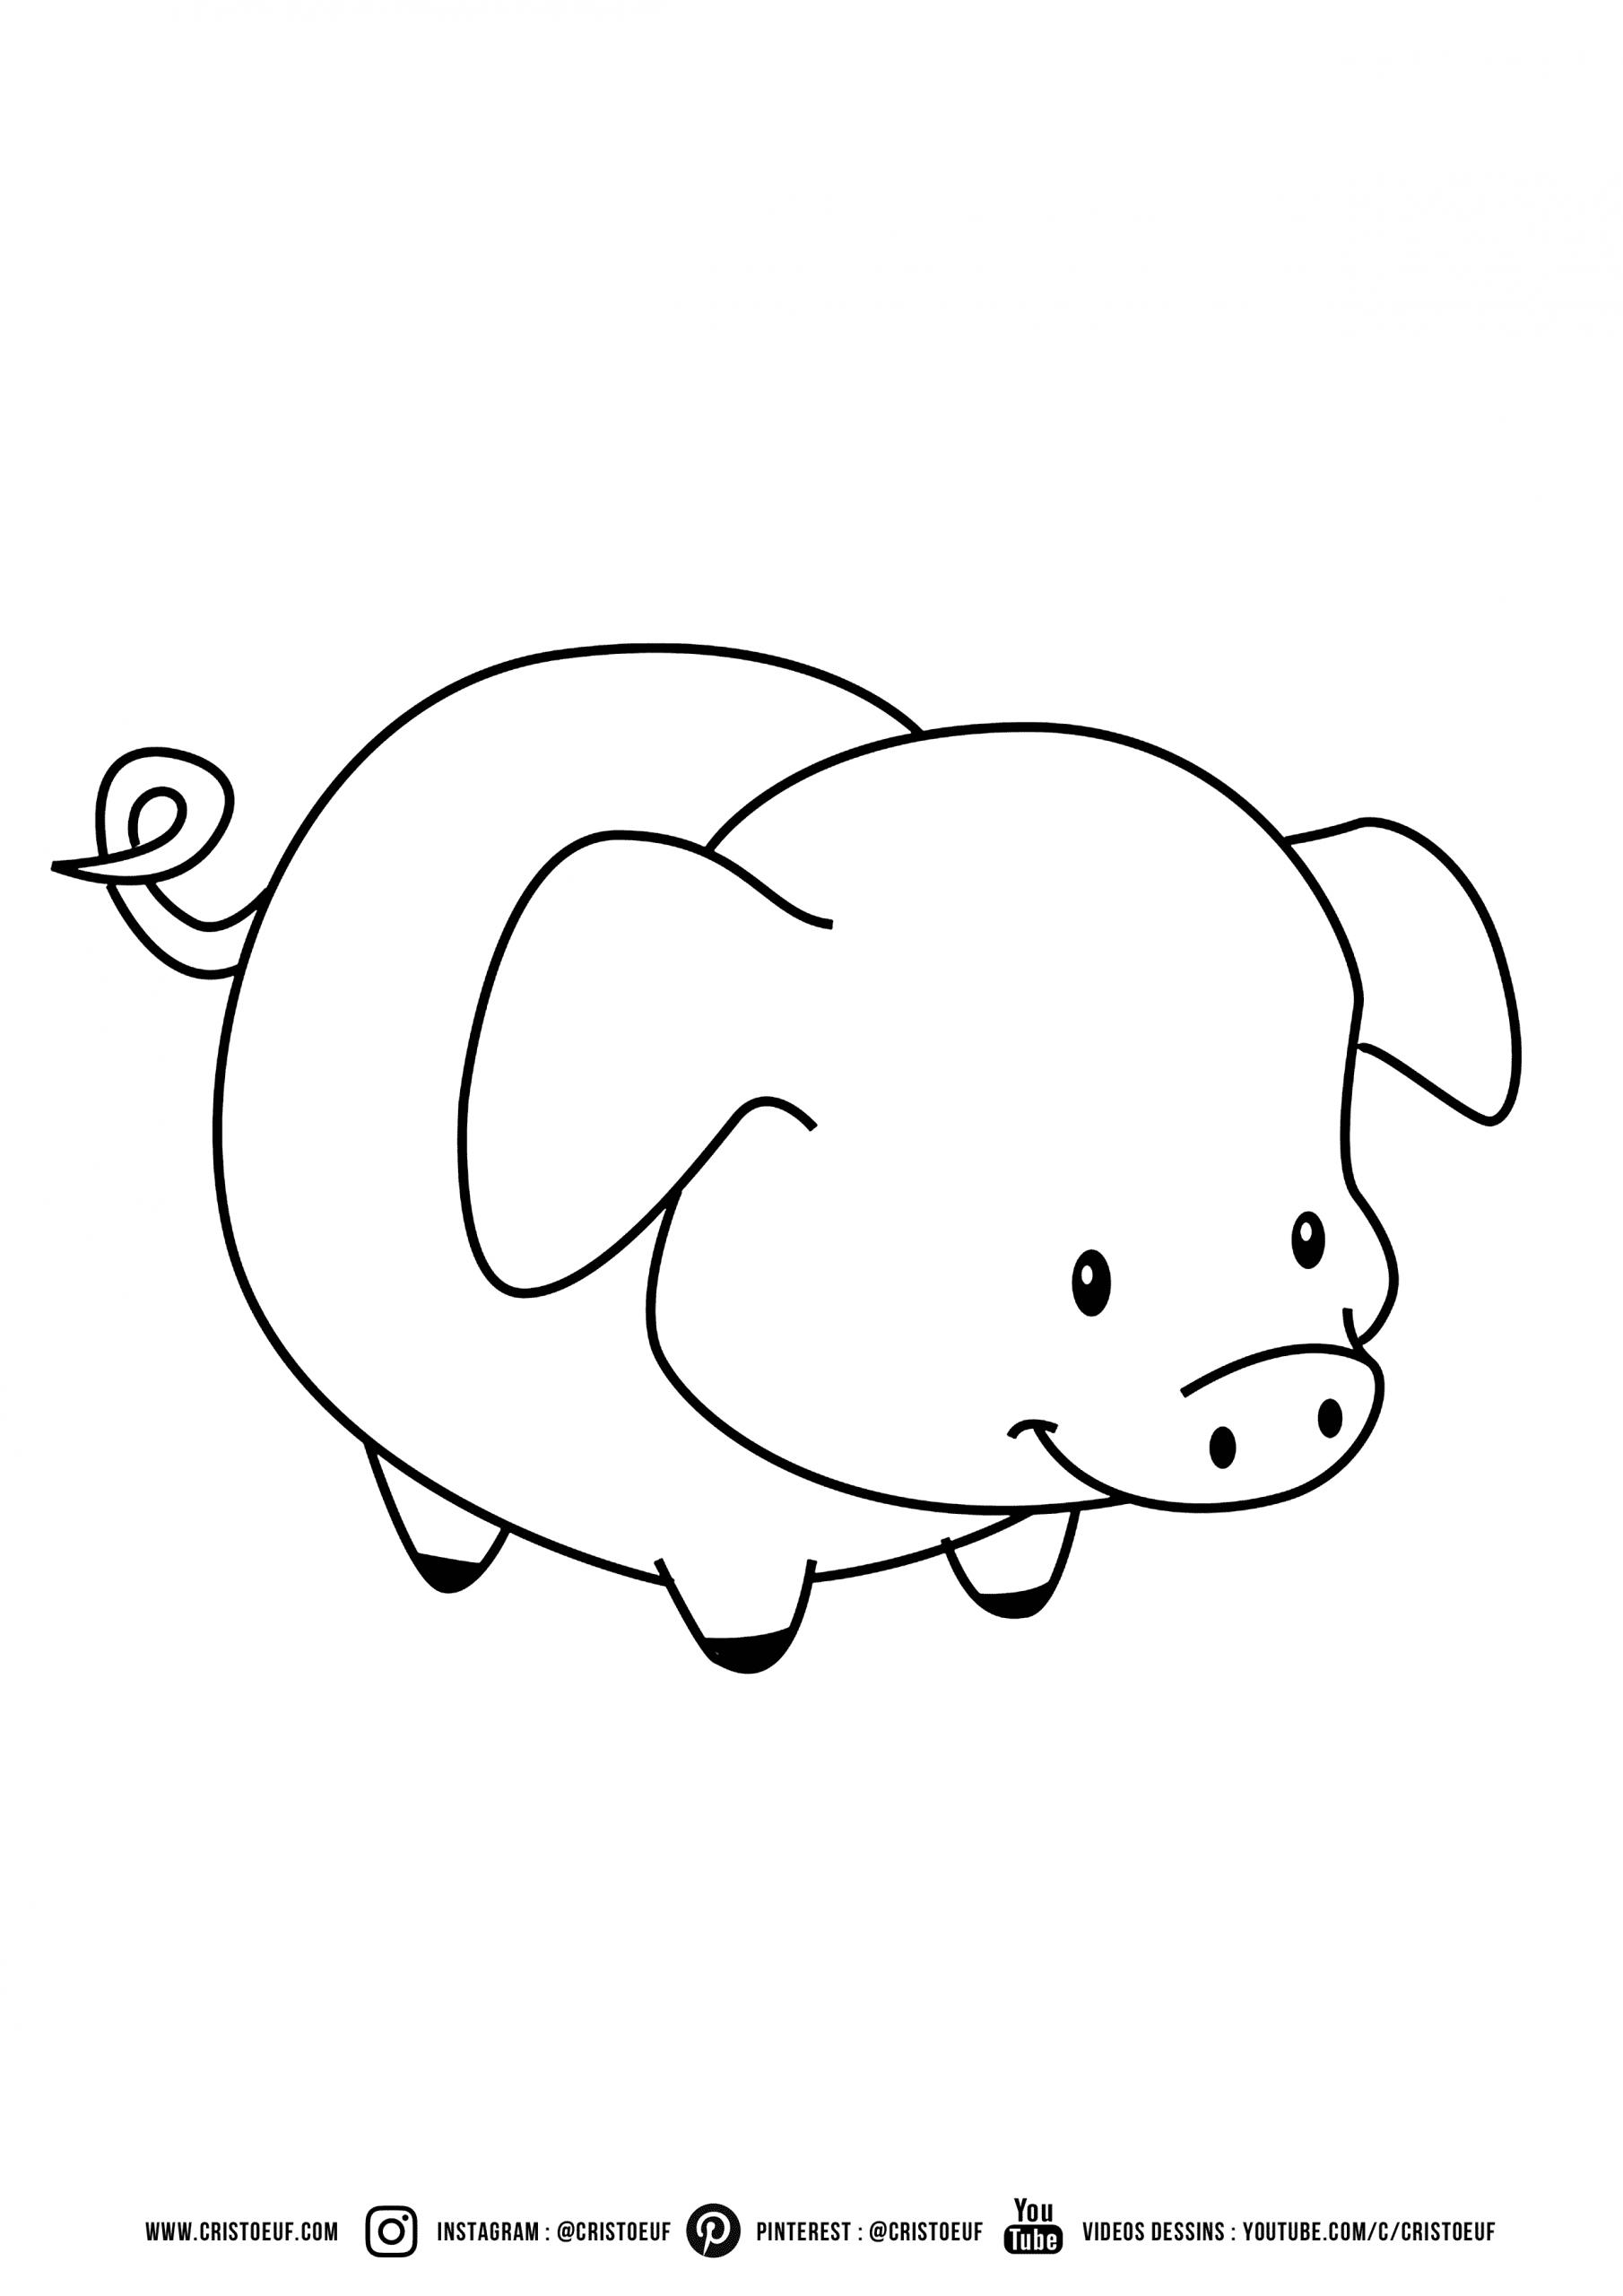 Coloriage À Imprimer Coloriages Pour Enfants À Colorier ! serapportantà Dessin A Colorier Cochon